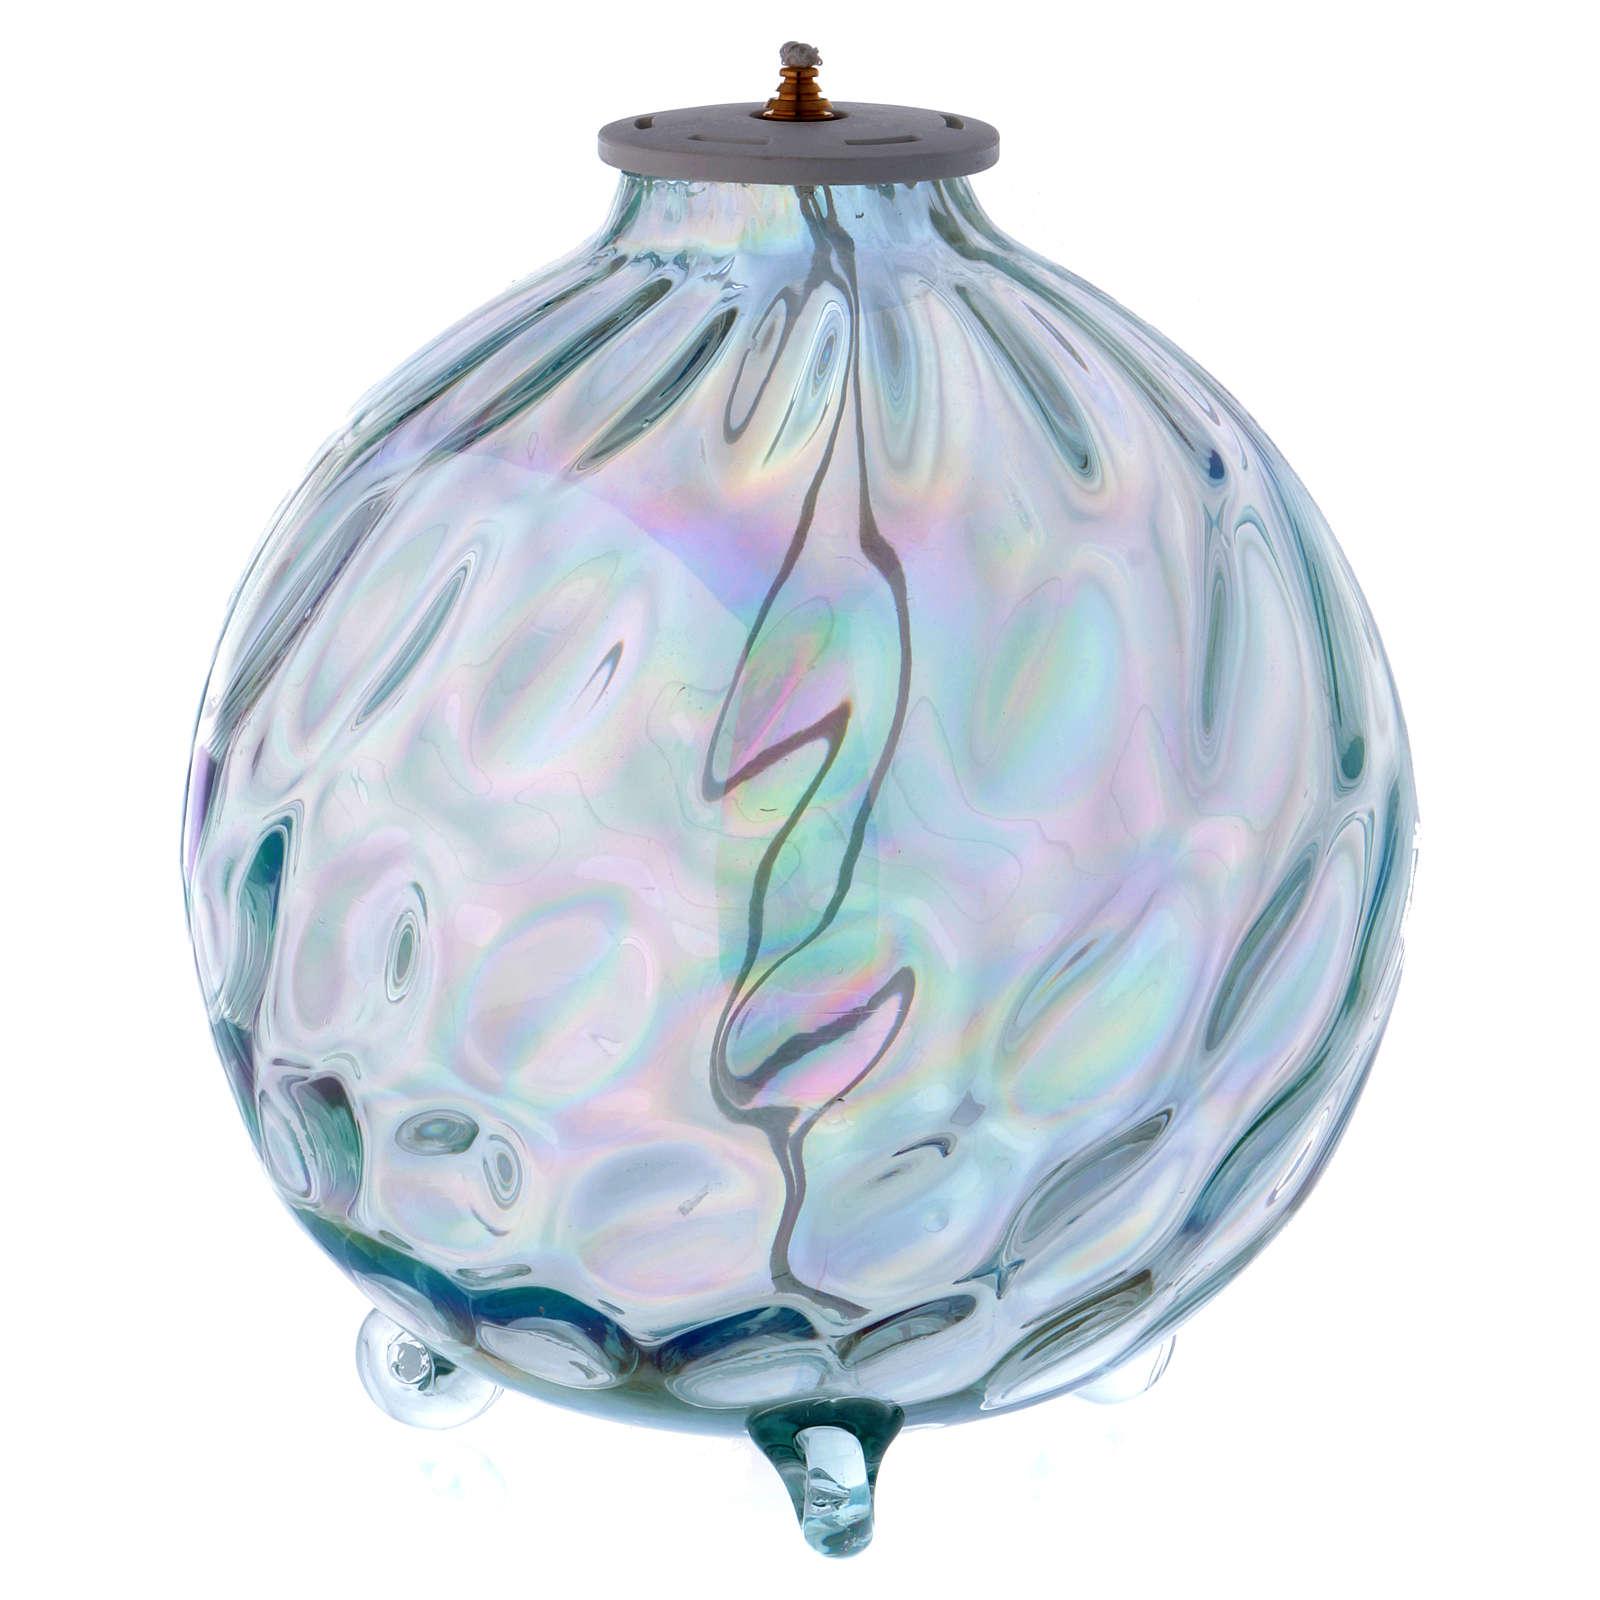 Lampada sfera cristallo a cera liquida 3